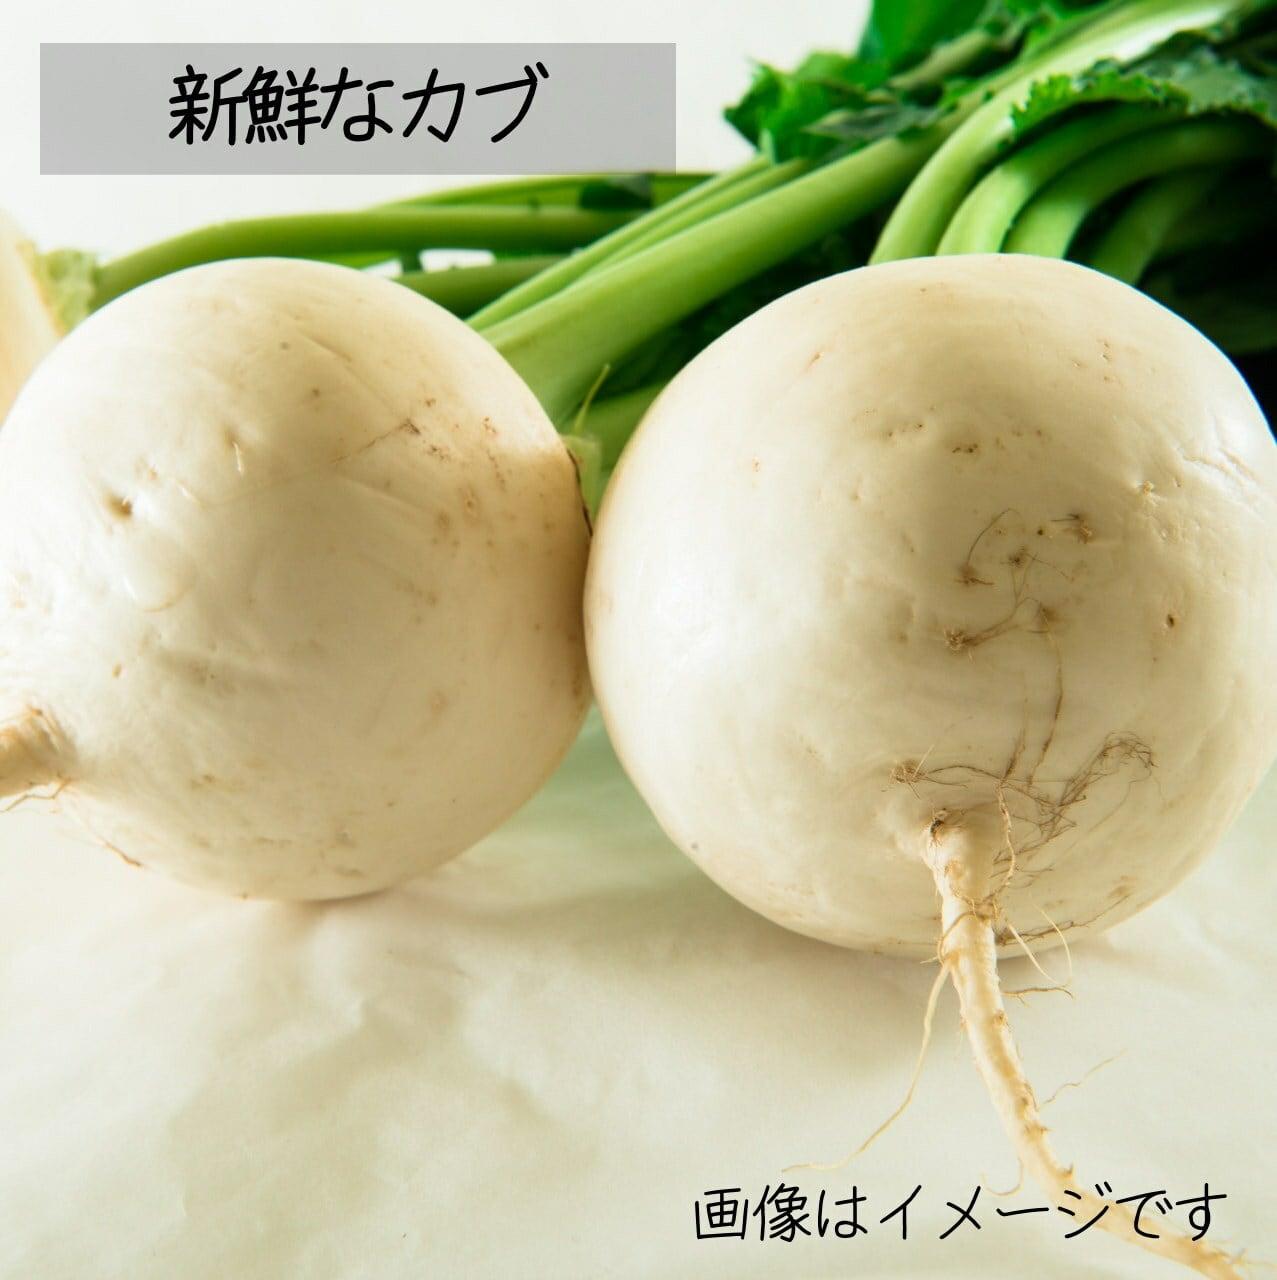 10月の朝採り直売野菜 : カブ 約3~4個  新鮮な秋野菜 10月17日発送予定